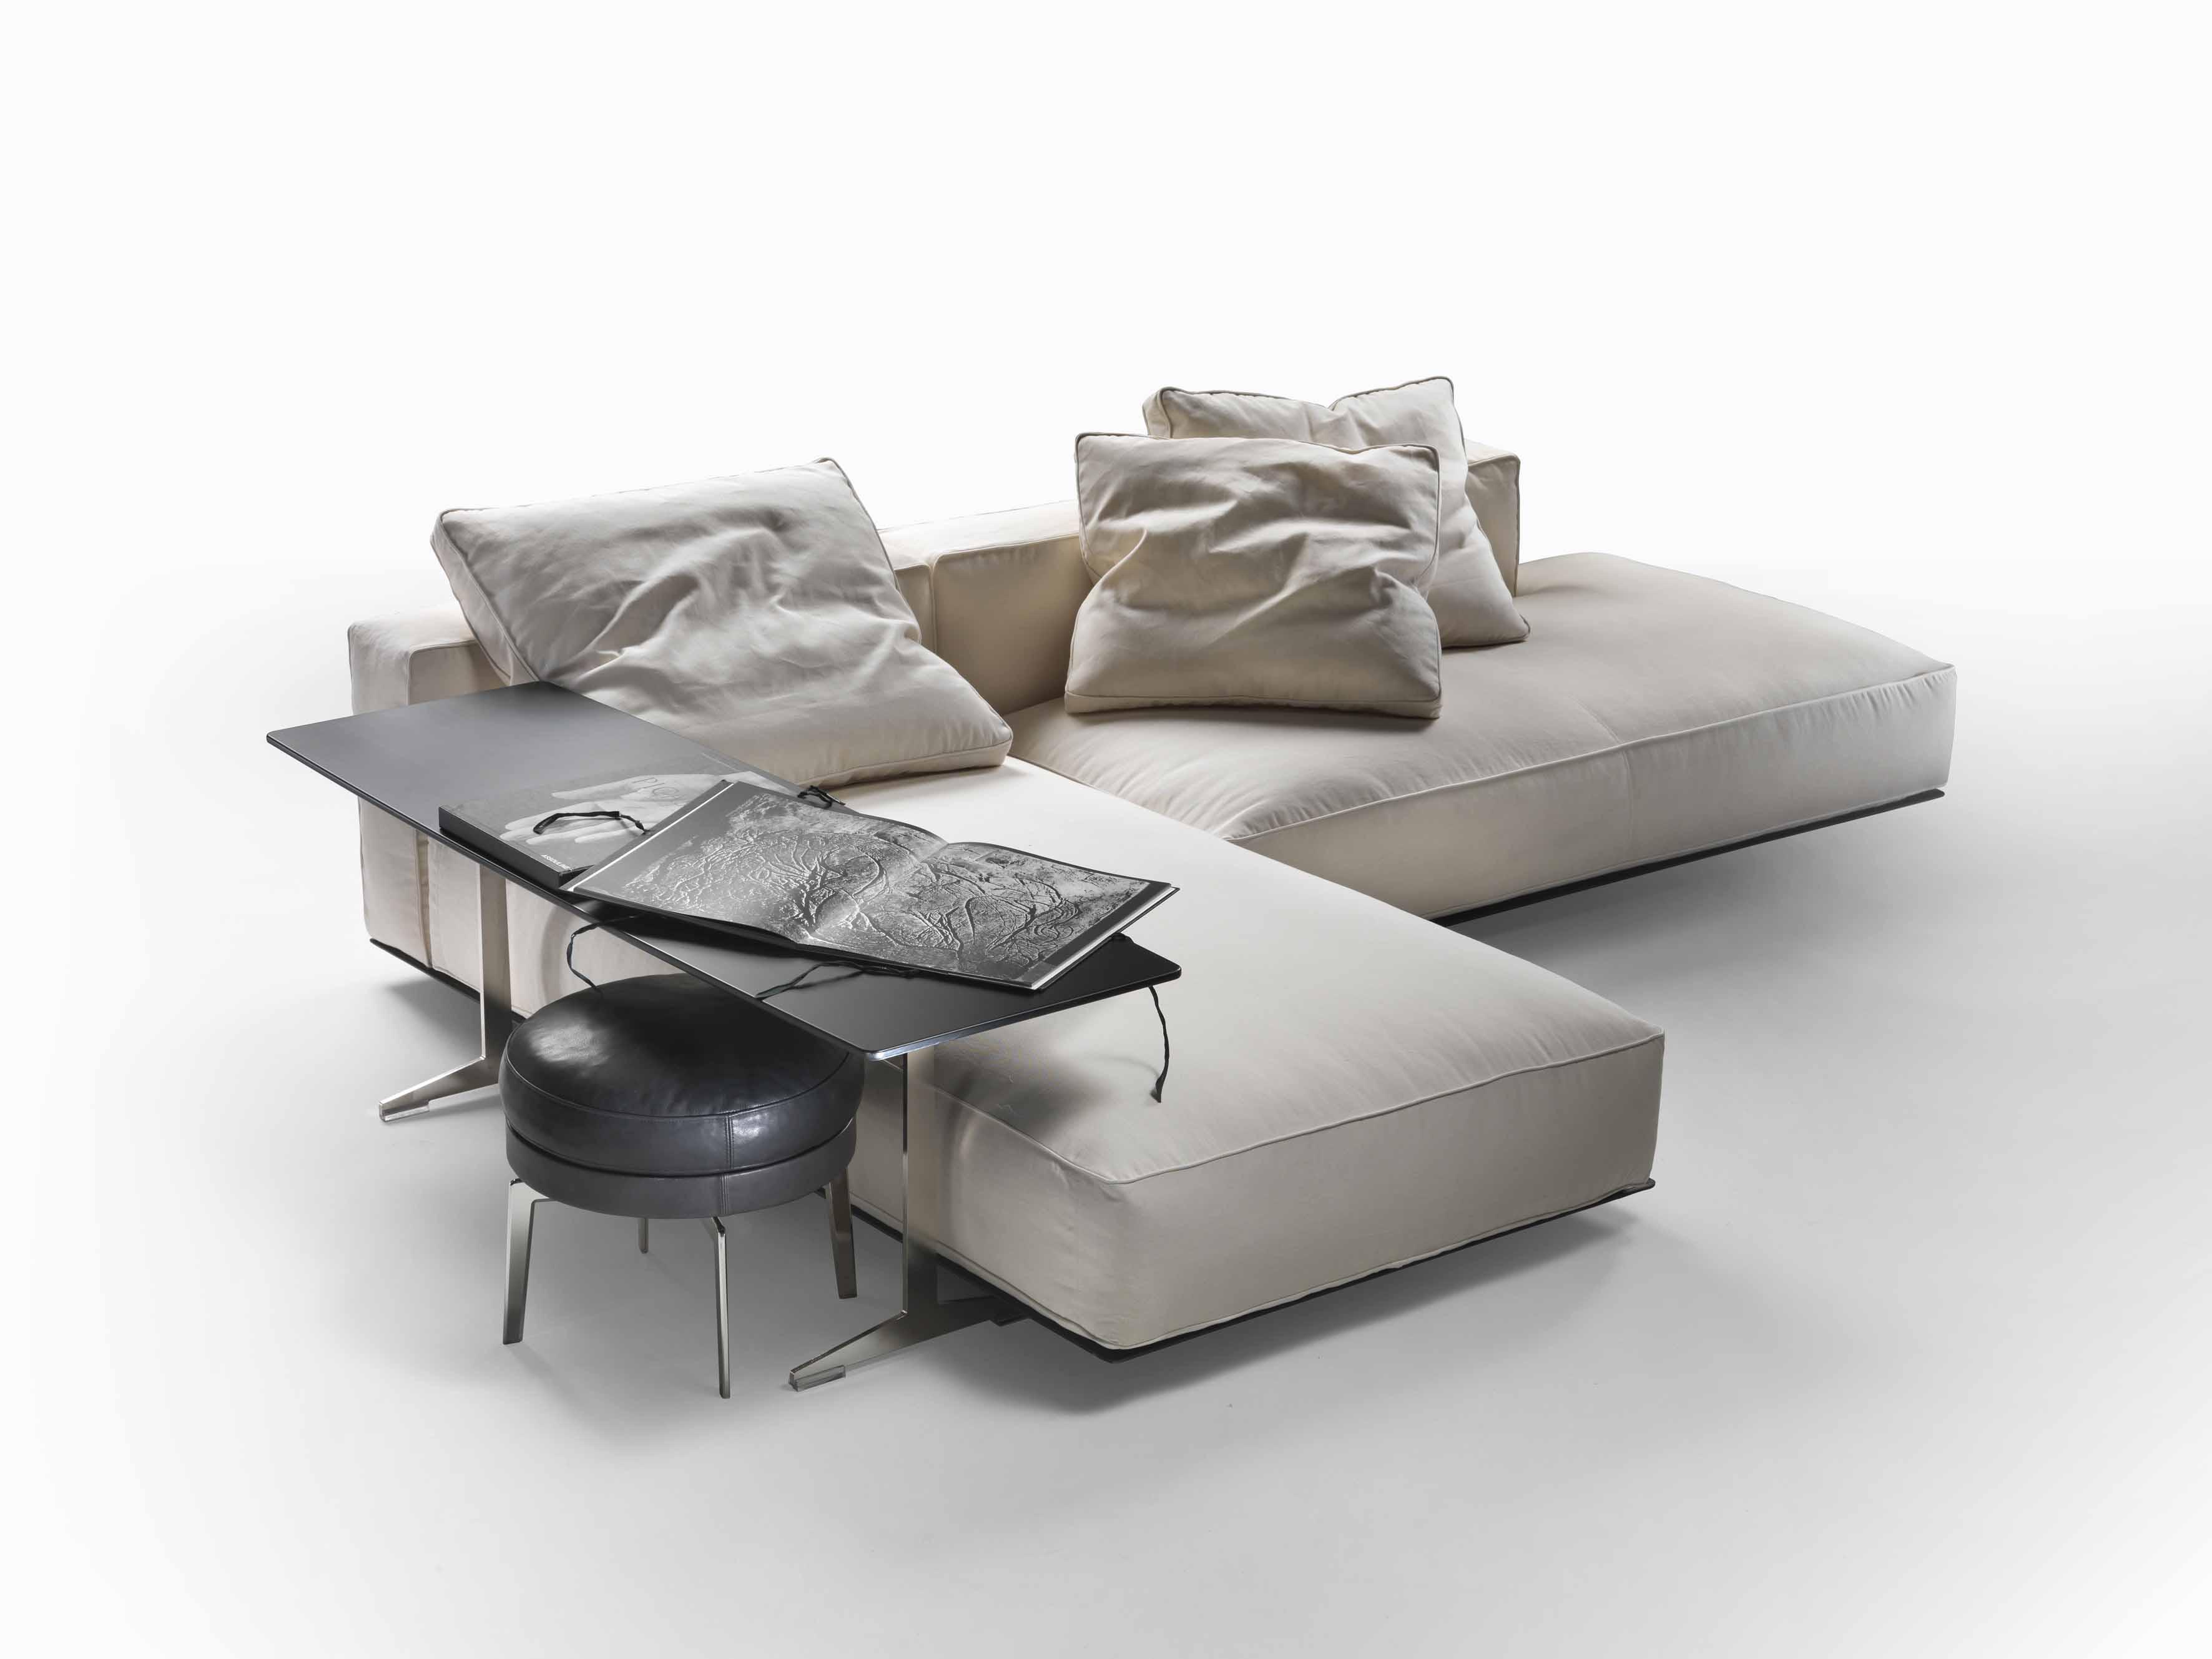 Flexform sof s gunni trentino for Flexform divani outlet